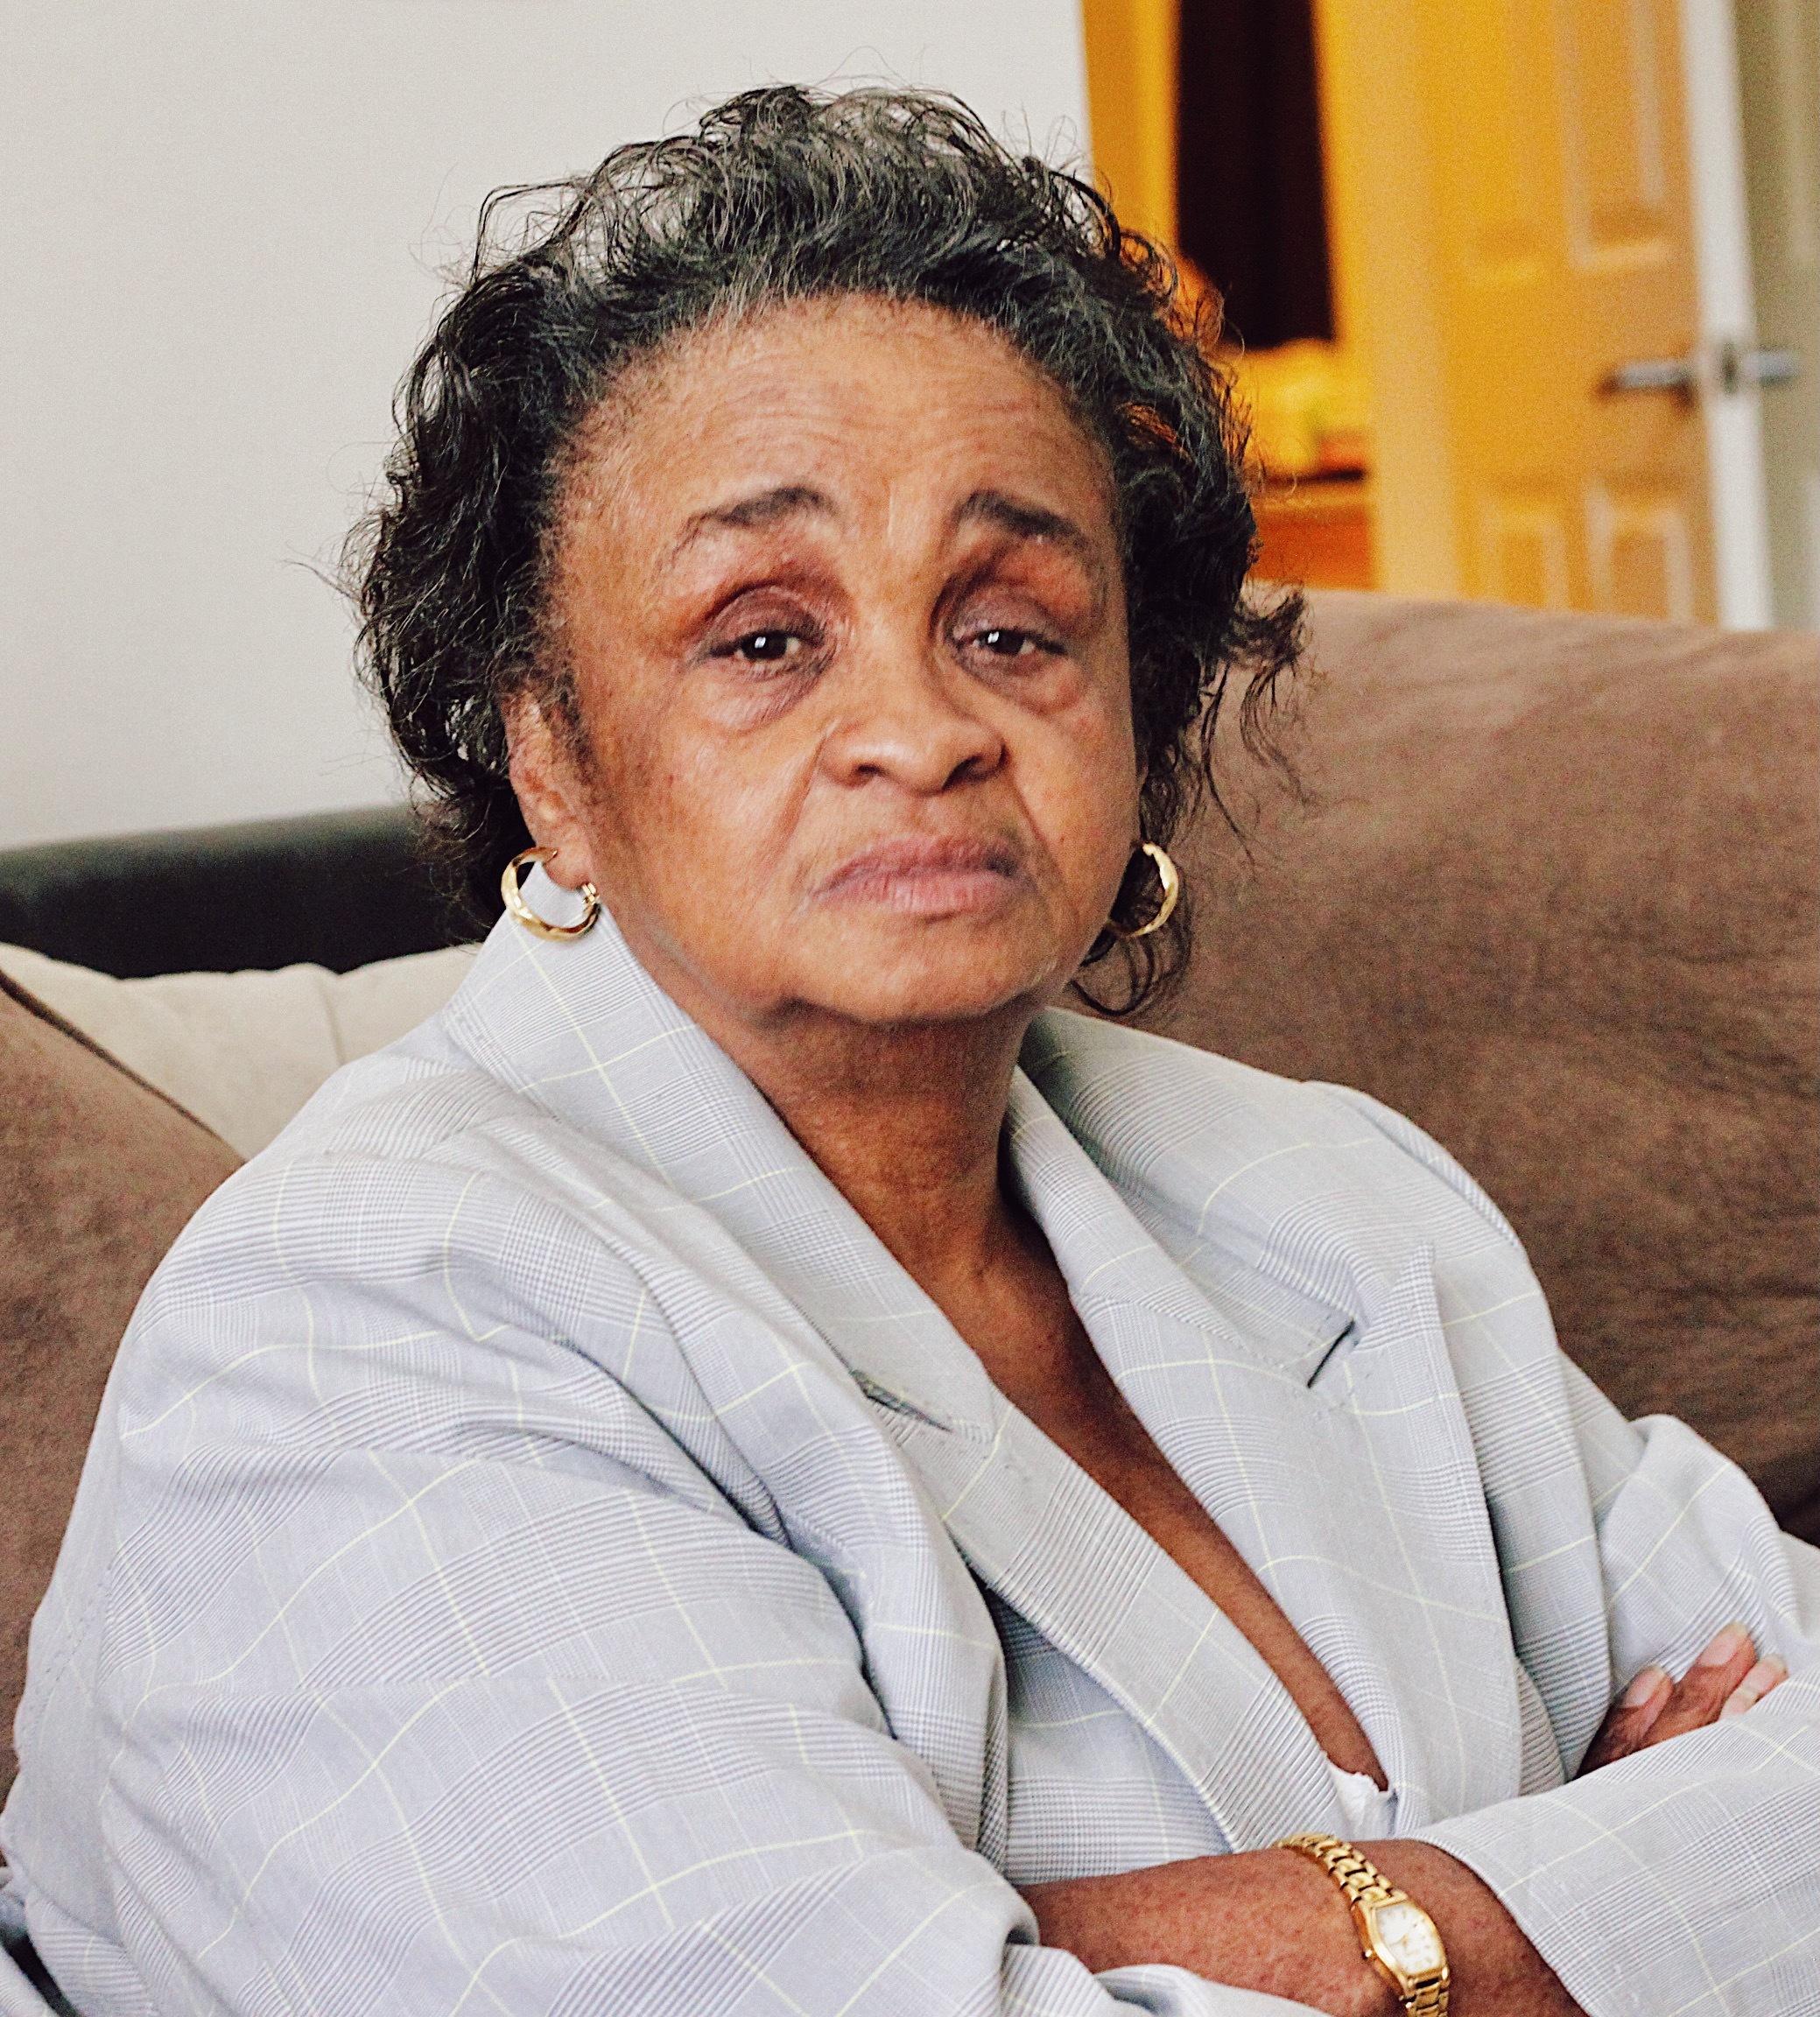 Marjorie Brumsey